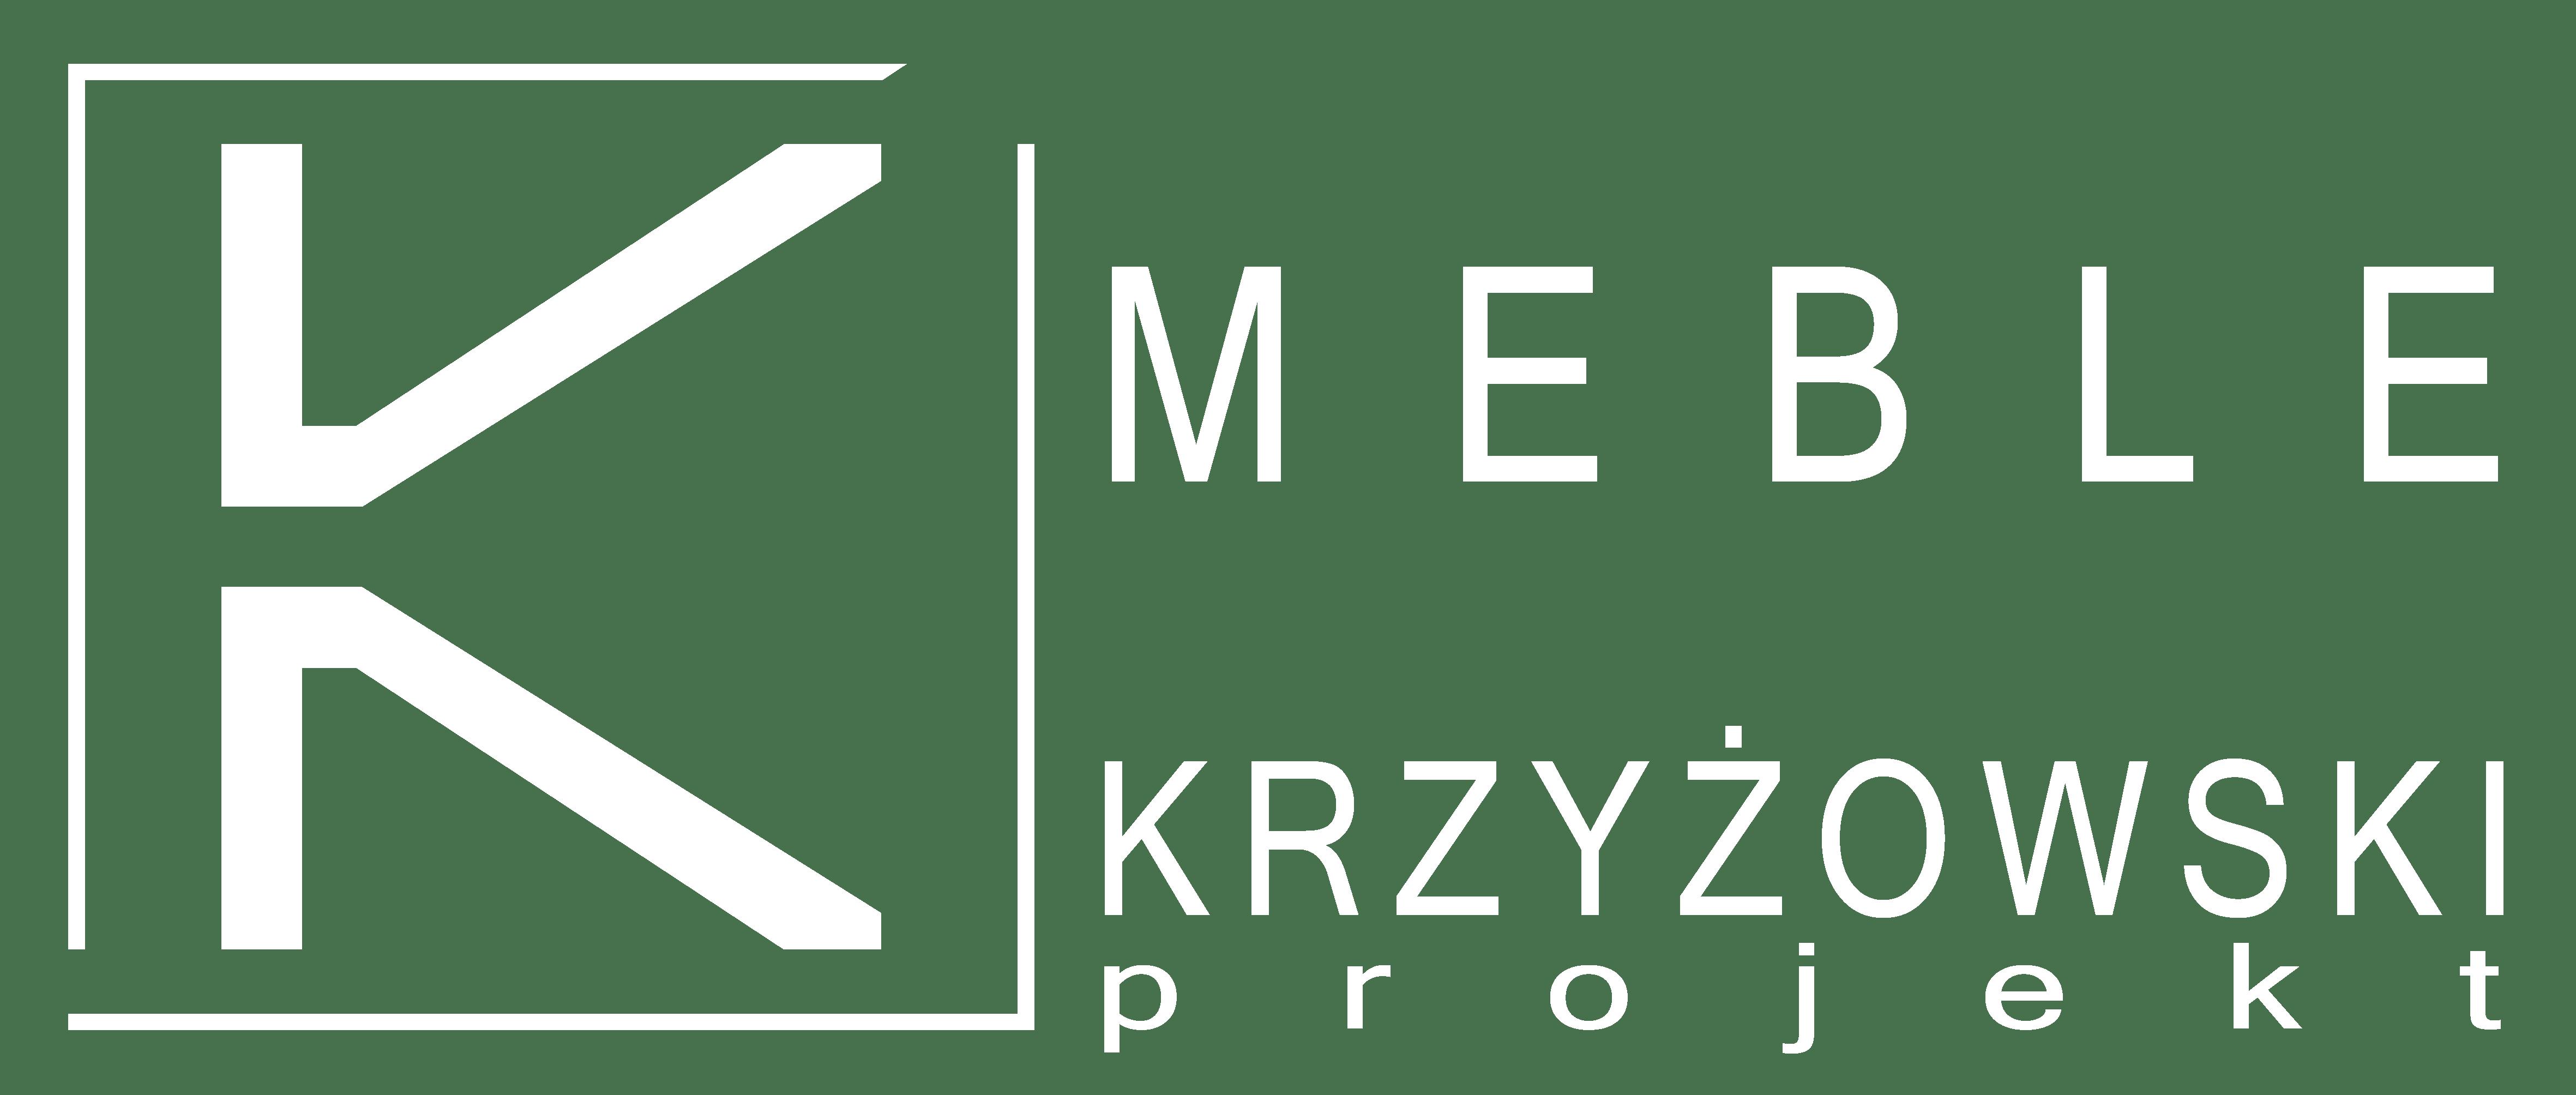 Meble ogrodowe – krzyżowski projekt